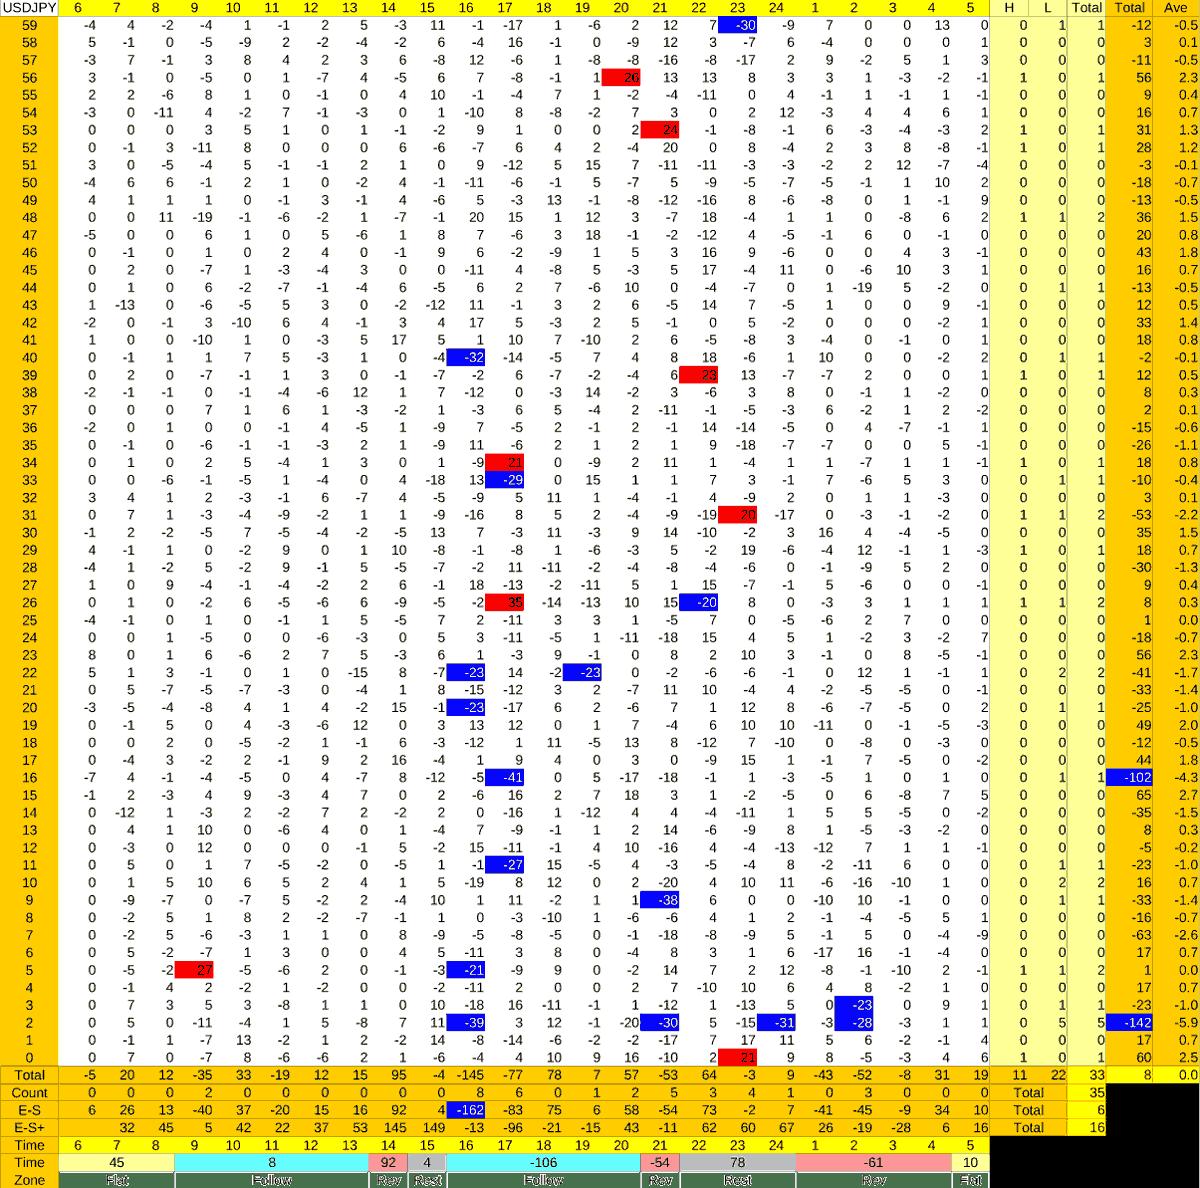 20210908_HS(1)USDJPY-min